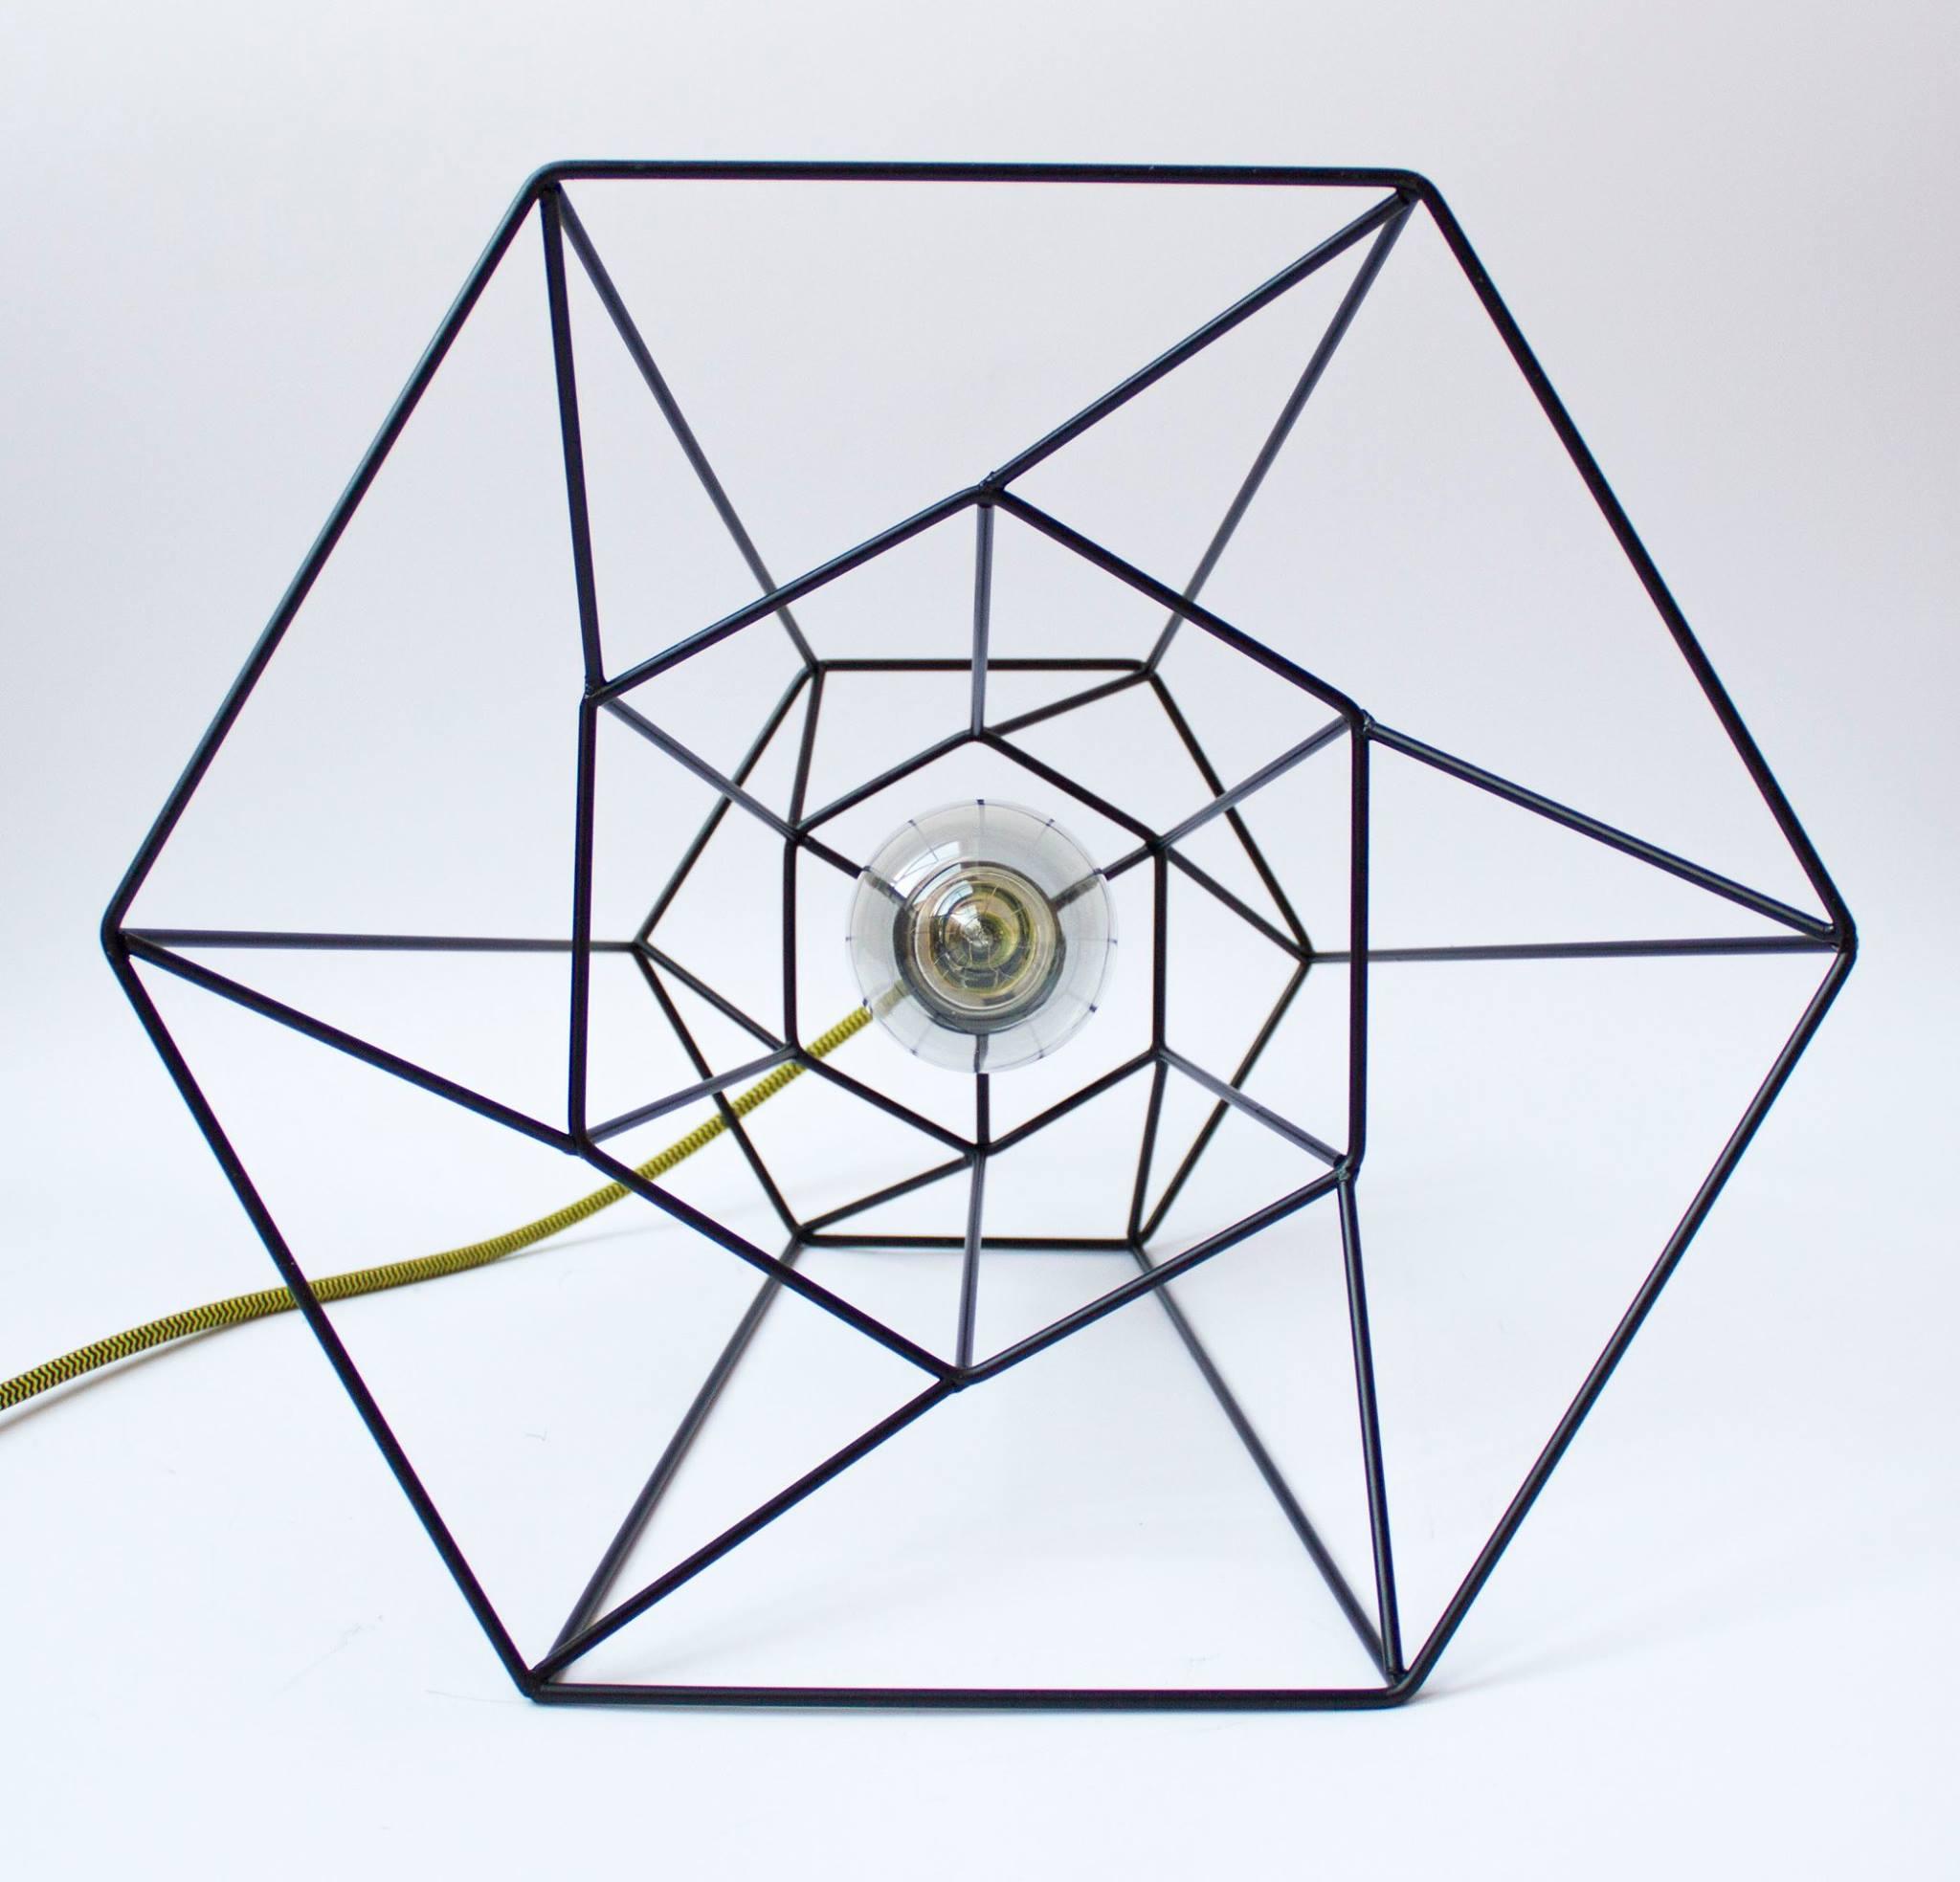 hexal design4